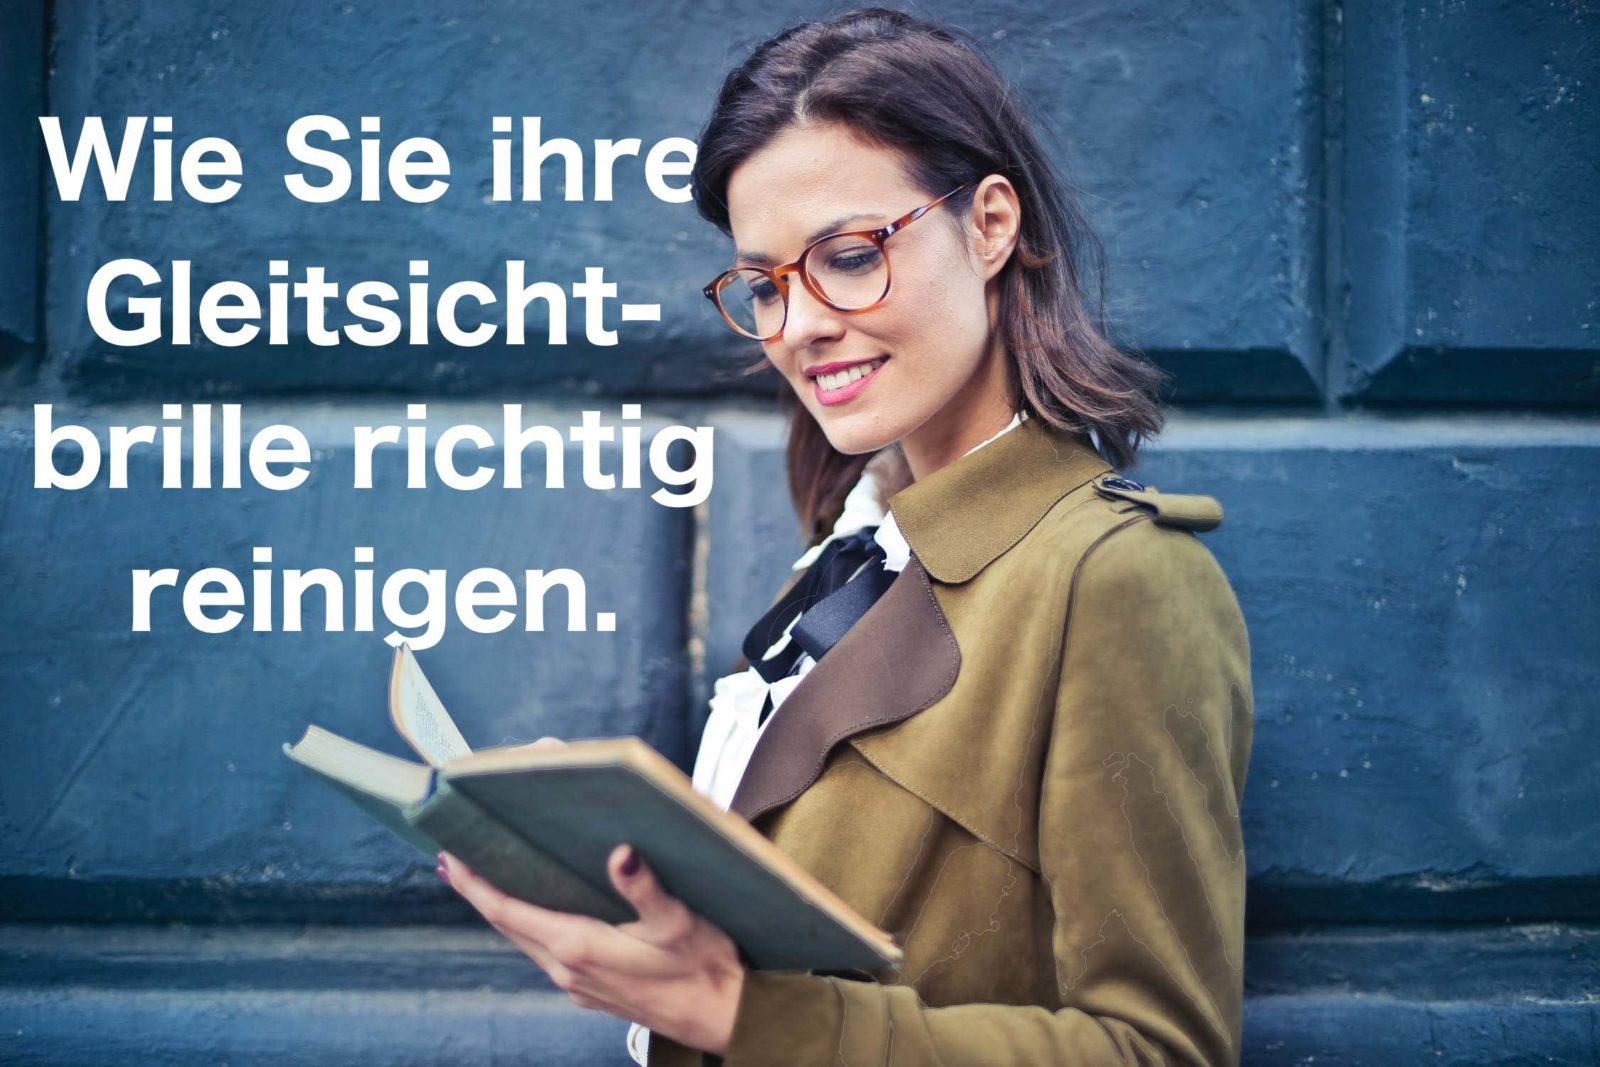 Das Bild zeigt eine Frau mit einer Brille, die evtl gerade liest wie Sie ihre Gleitsichtbrille reinigen kann.